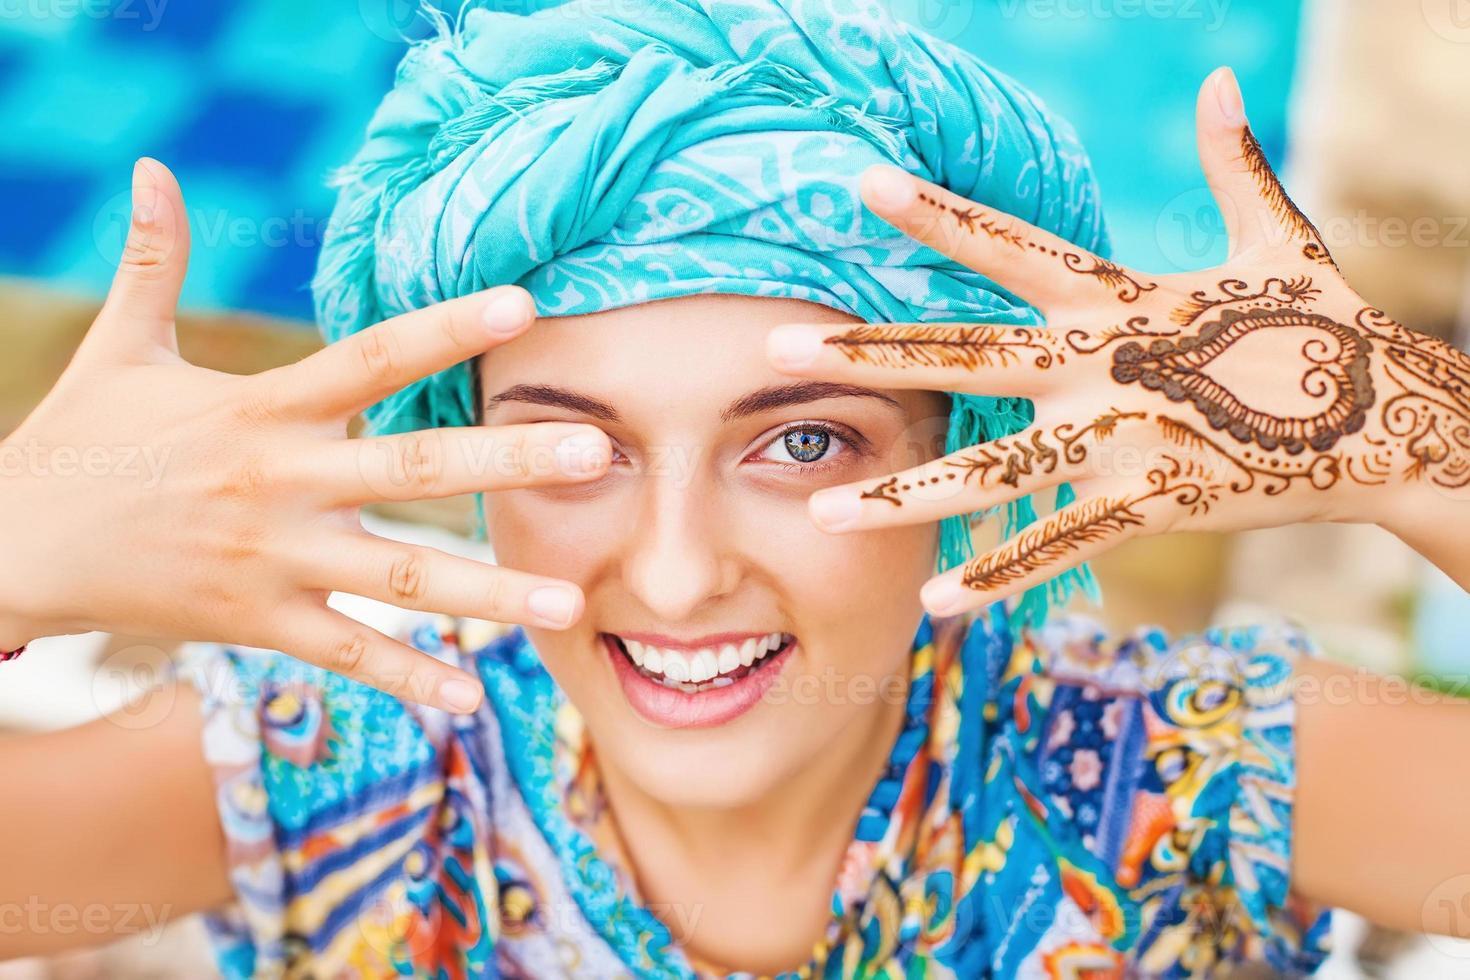 Henna-Tattoo auf den Händen einer Frau foto